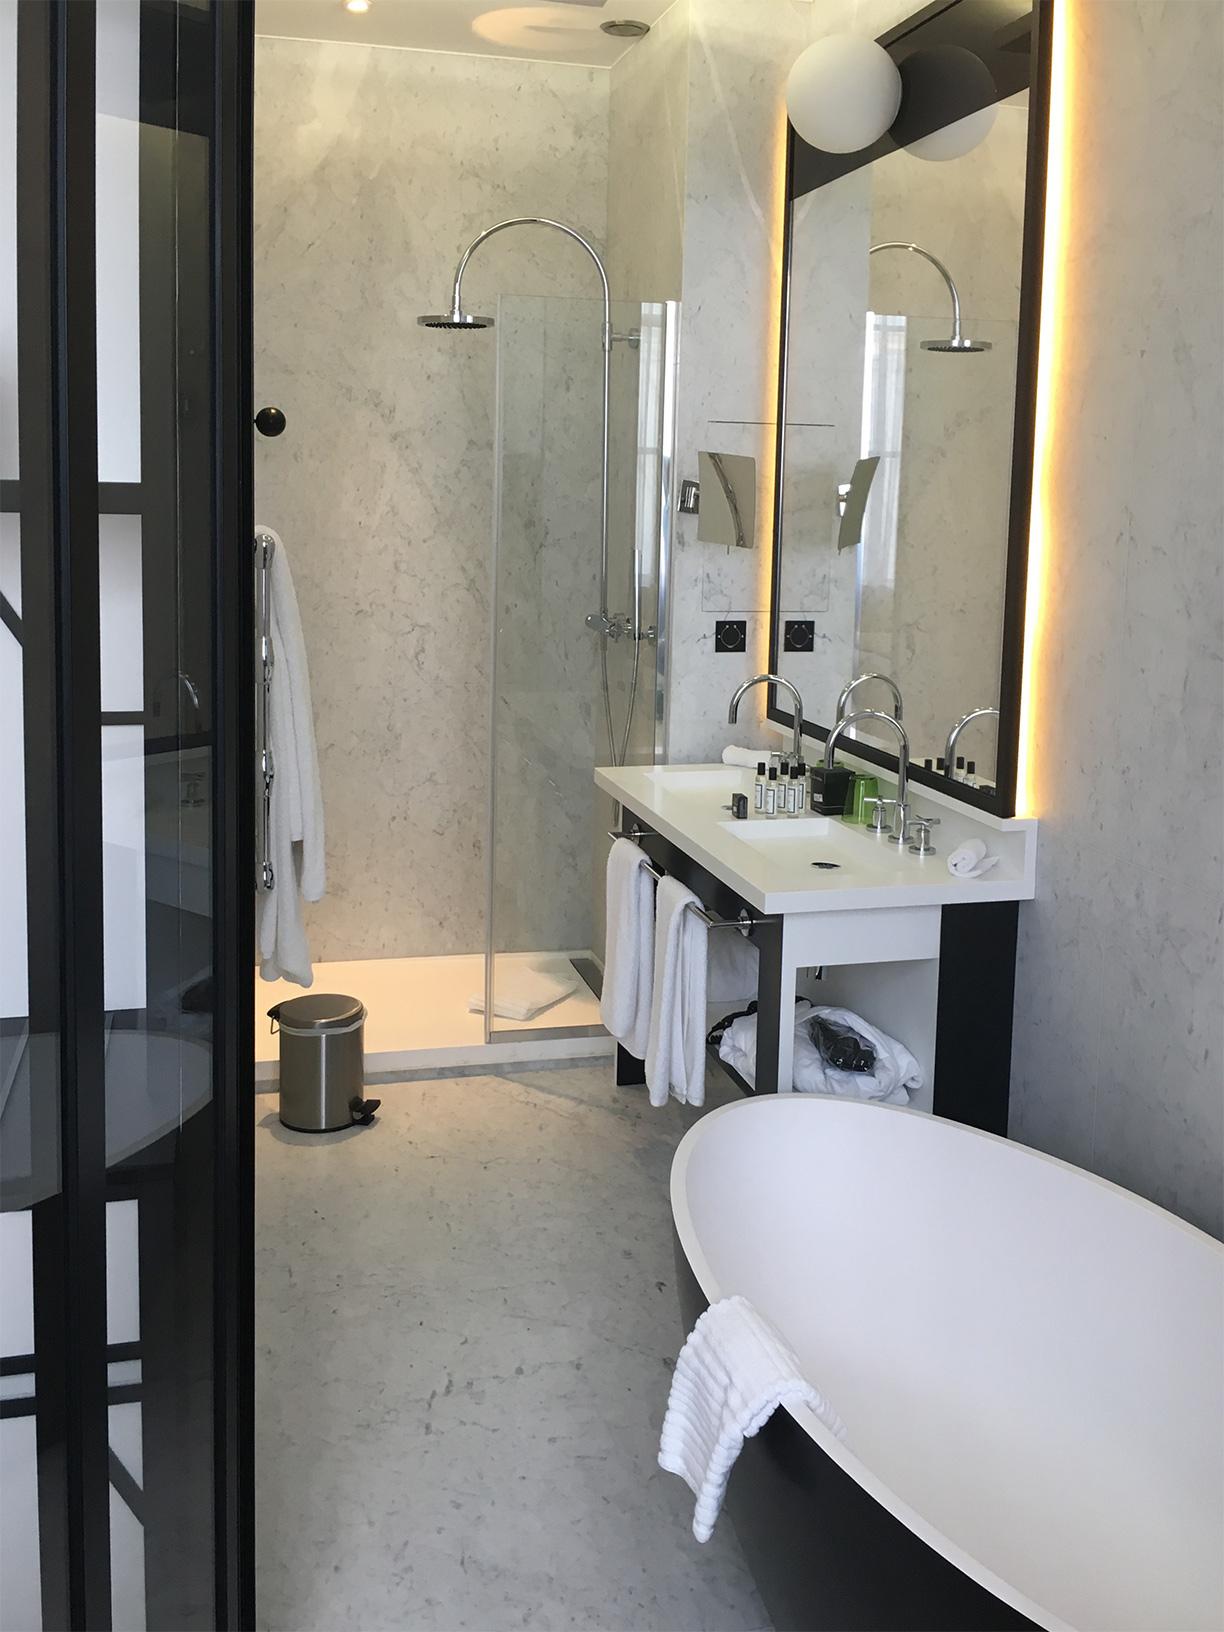 Salle De Bain Hotel Le Grand Htel Top Des Plus Belles Salles De Bains Dhtels  Chambre Avec